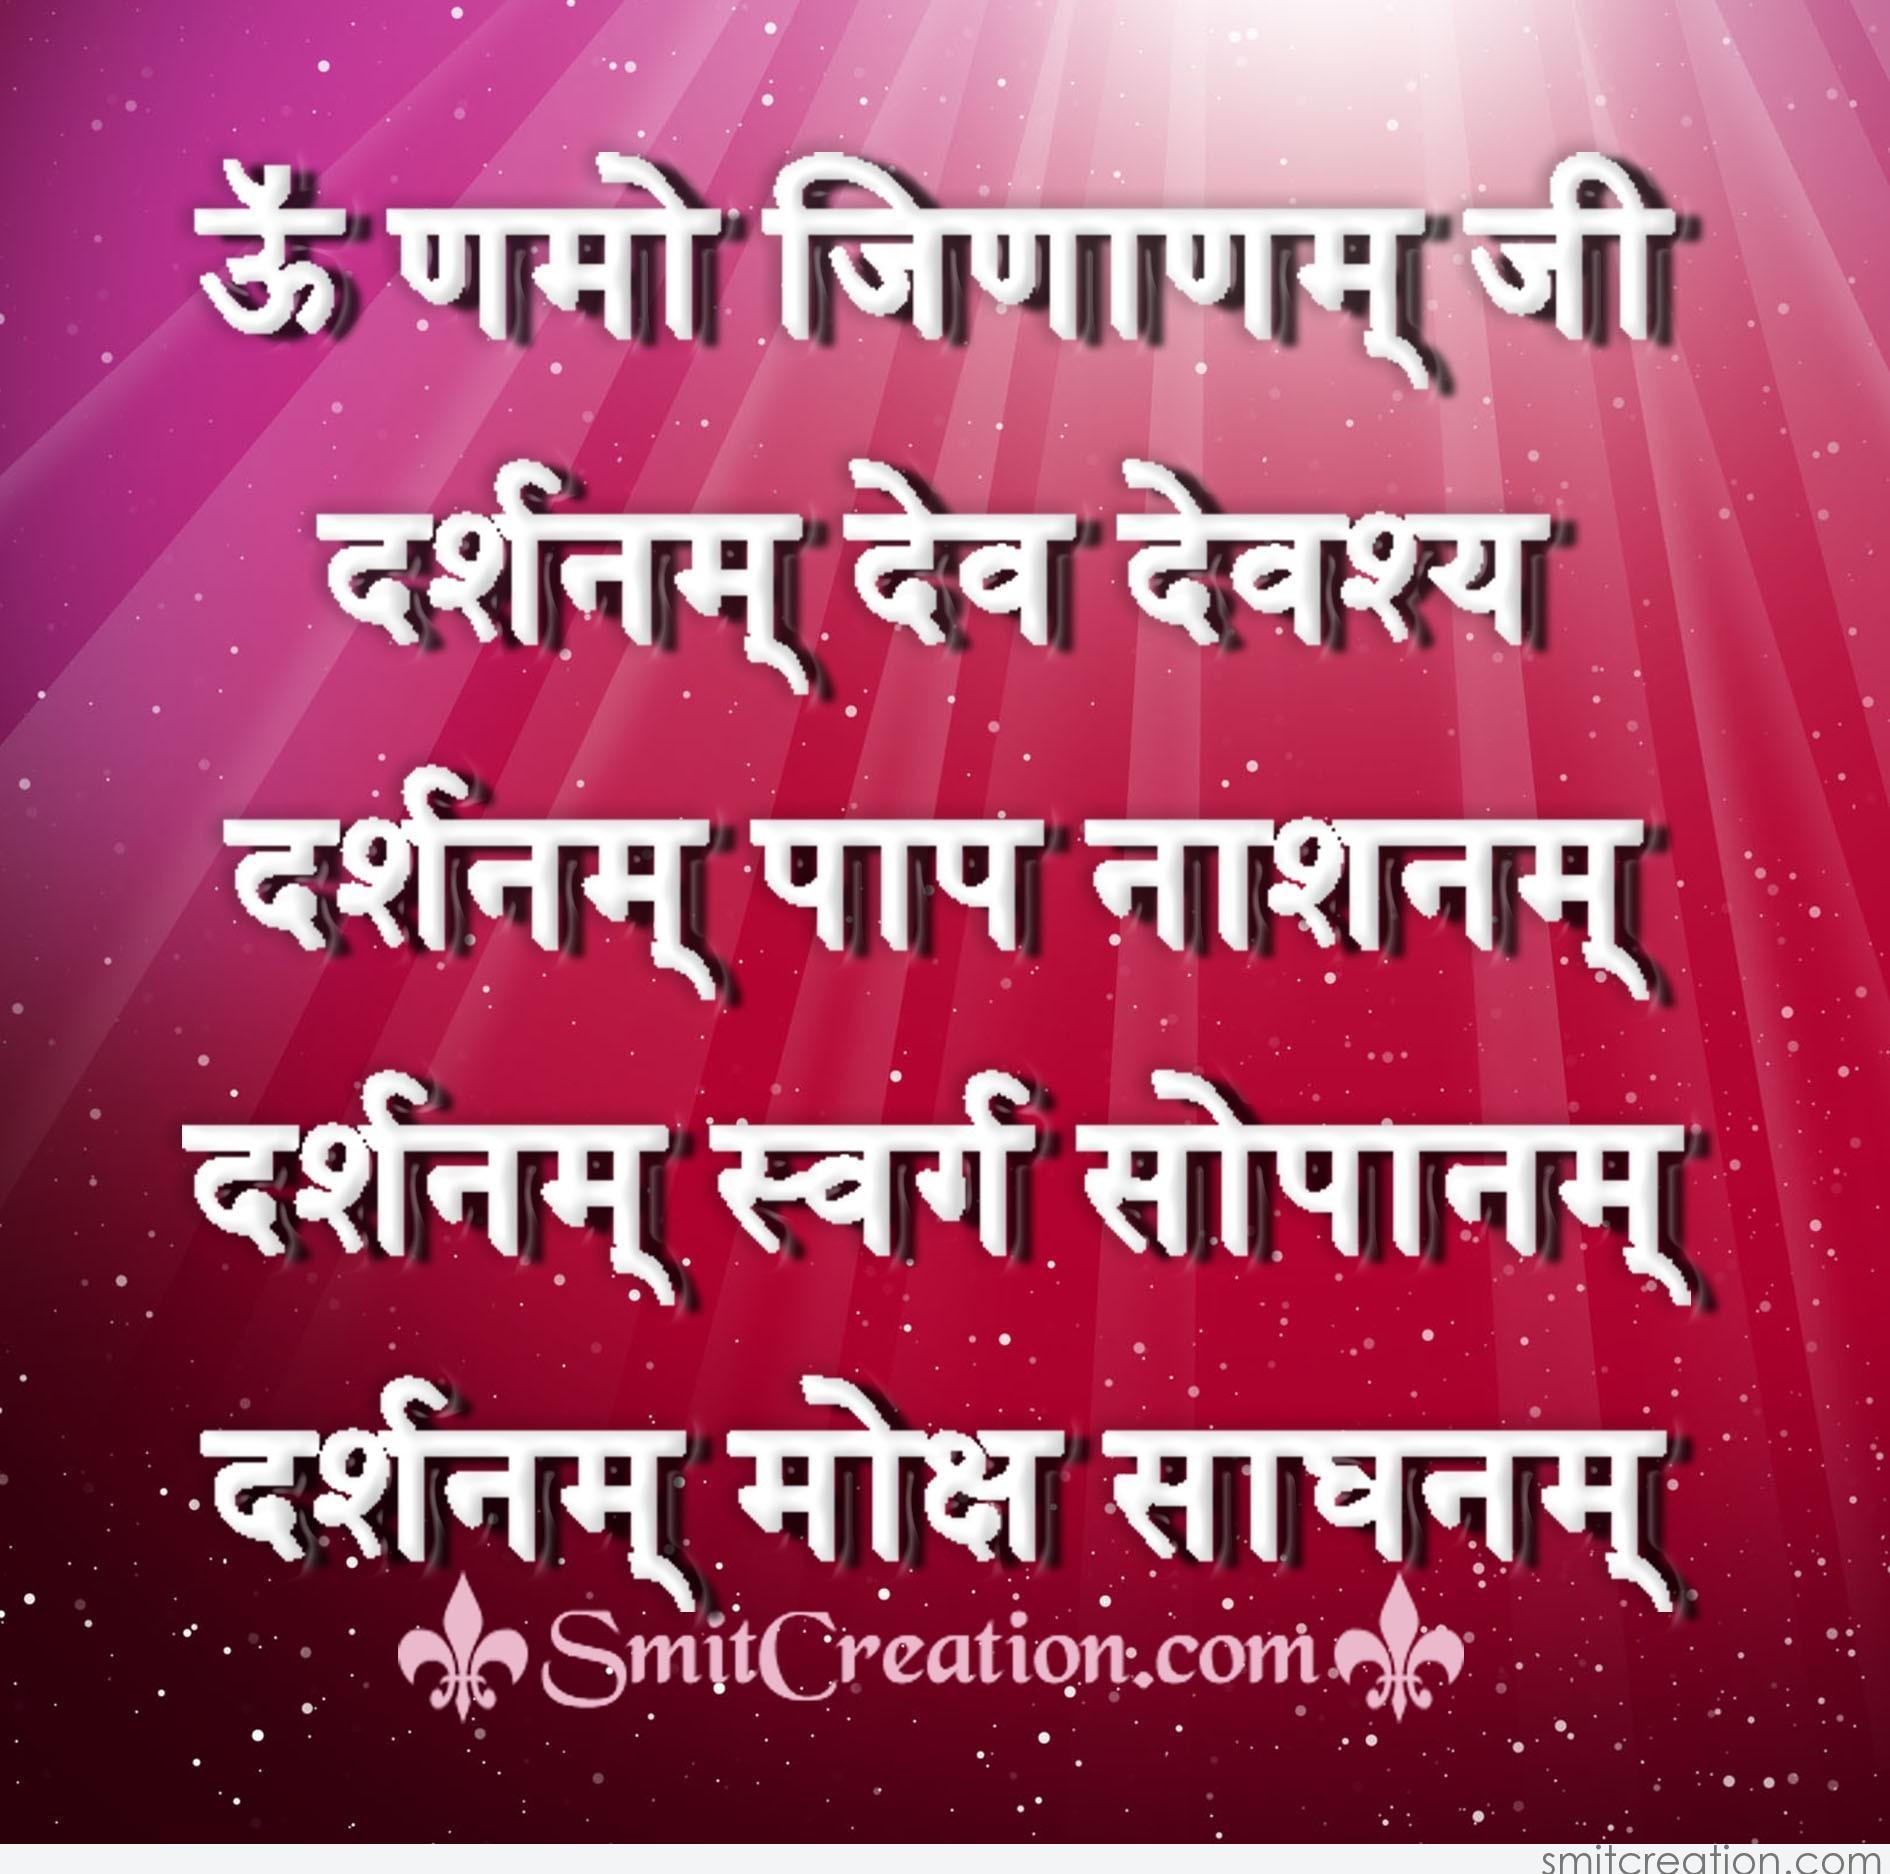 mahavir jayanti in hindi 24 मार्च 2017  महावीर जयंती mahavir jayanti 2018 का महोत्सव 29 मार्च, गुरुवार  के दिन मनाया जायेगा। अज हम इस पोस्ट में आपको.